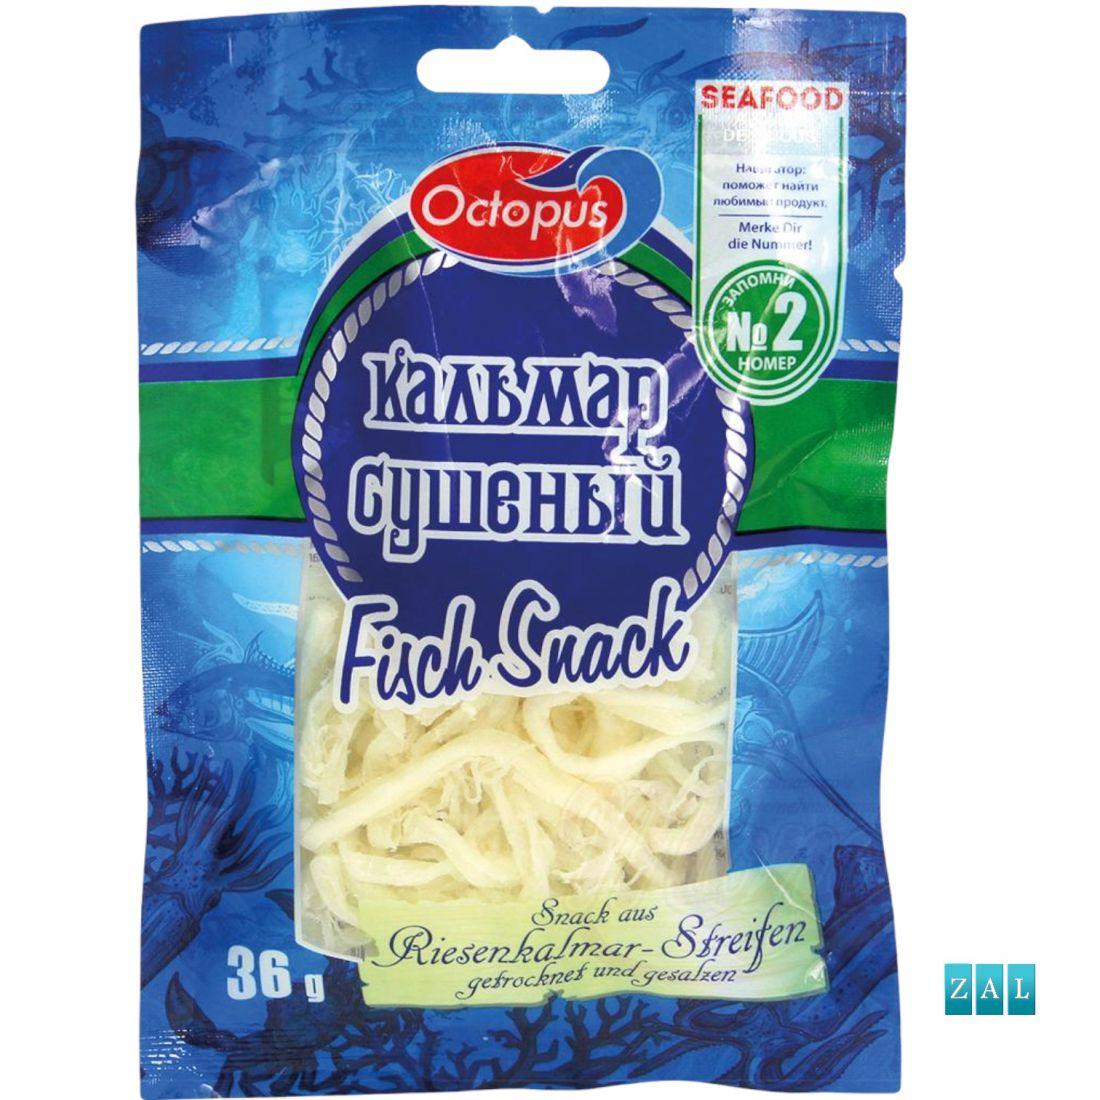 Snack- sózott, szárított tintahal csíkokból 36g